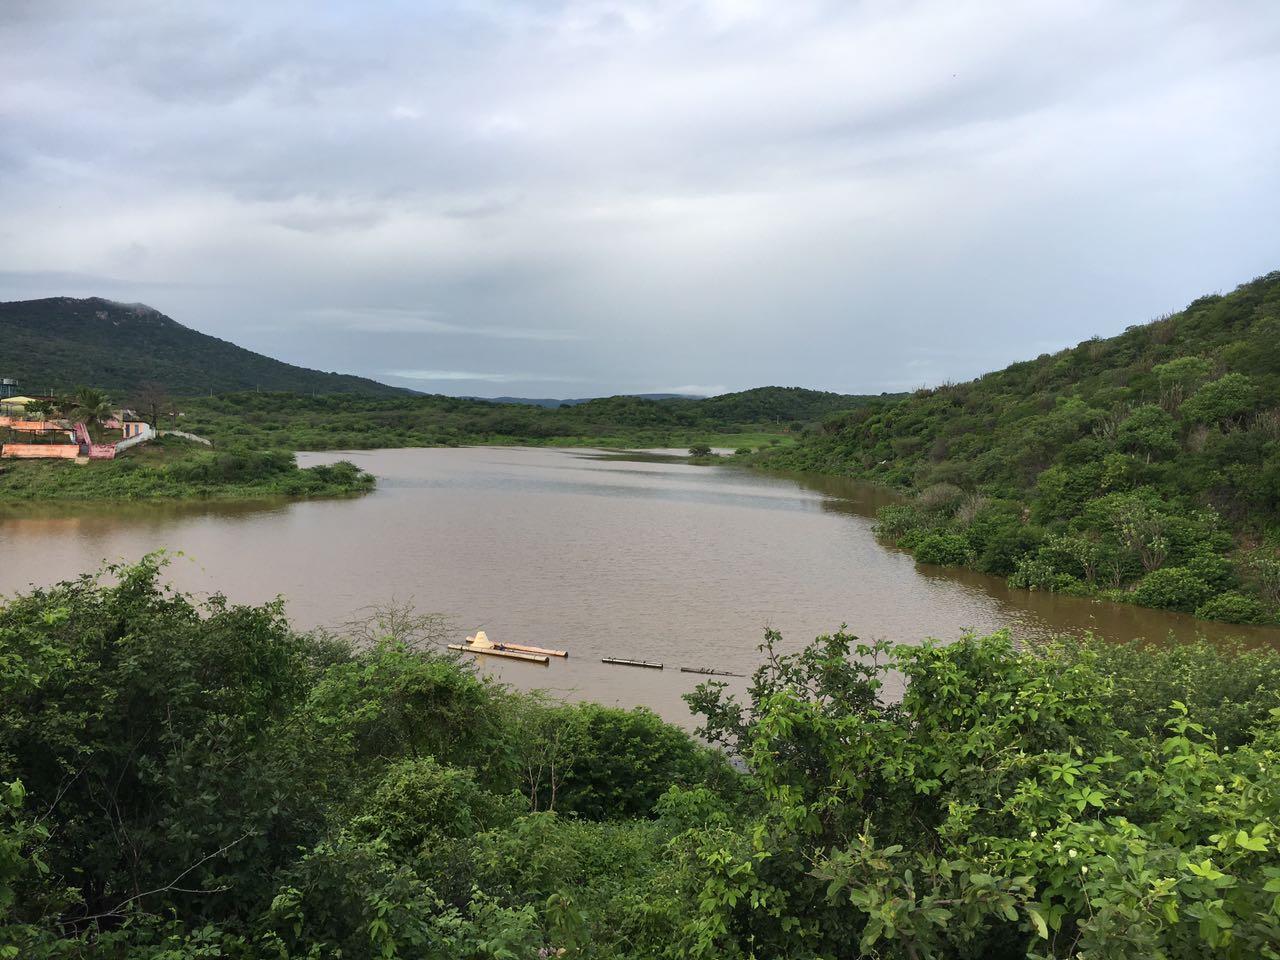 Adolescente de 16 anos natural do município de Pureza-RN, é vitima de afogamento no Açude Pinga em Cerro Corá